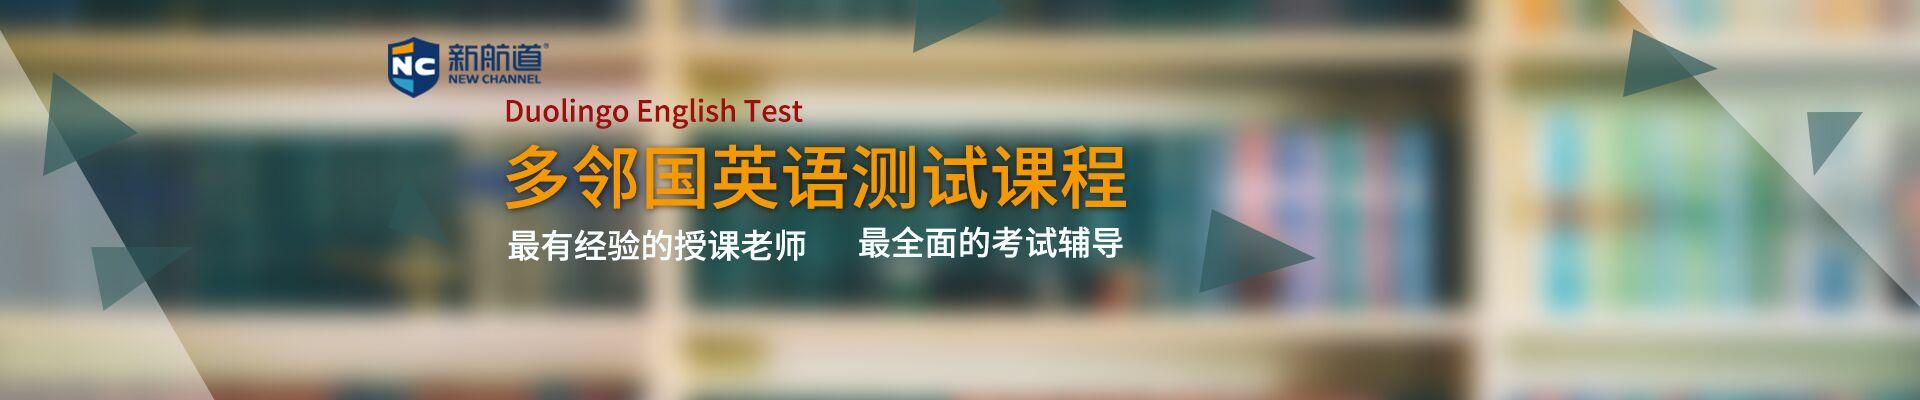 武汉光谷新航道英语培训